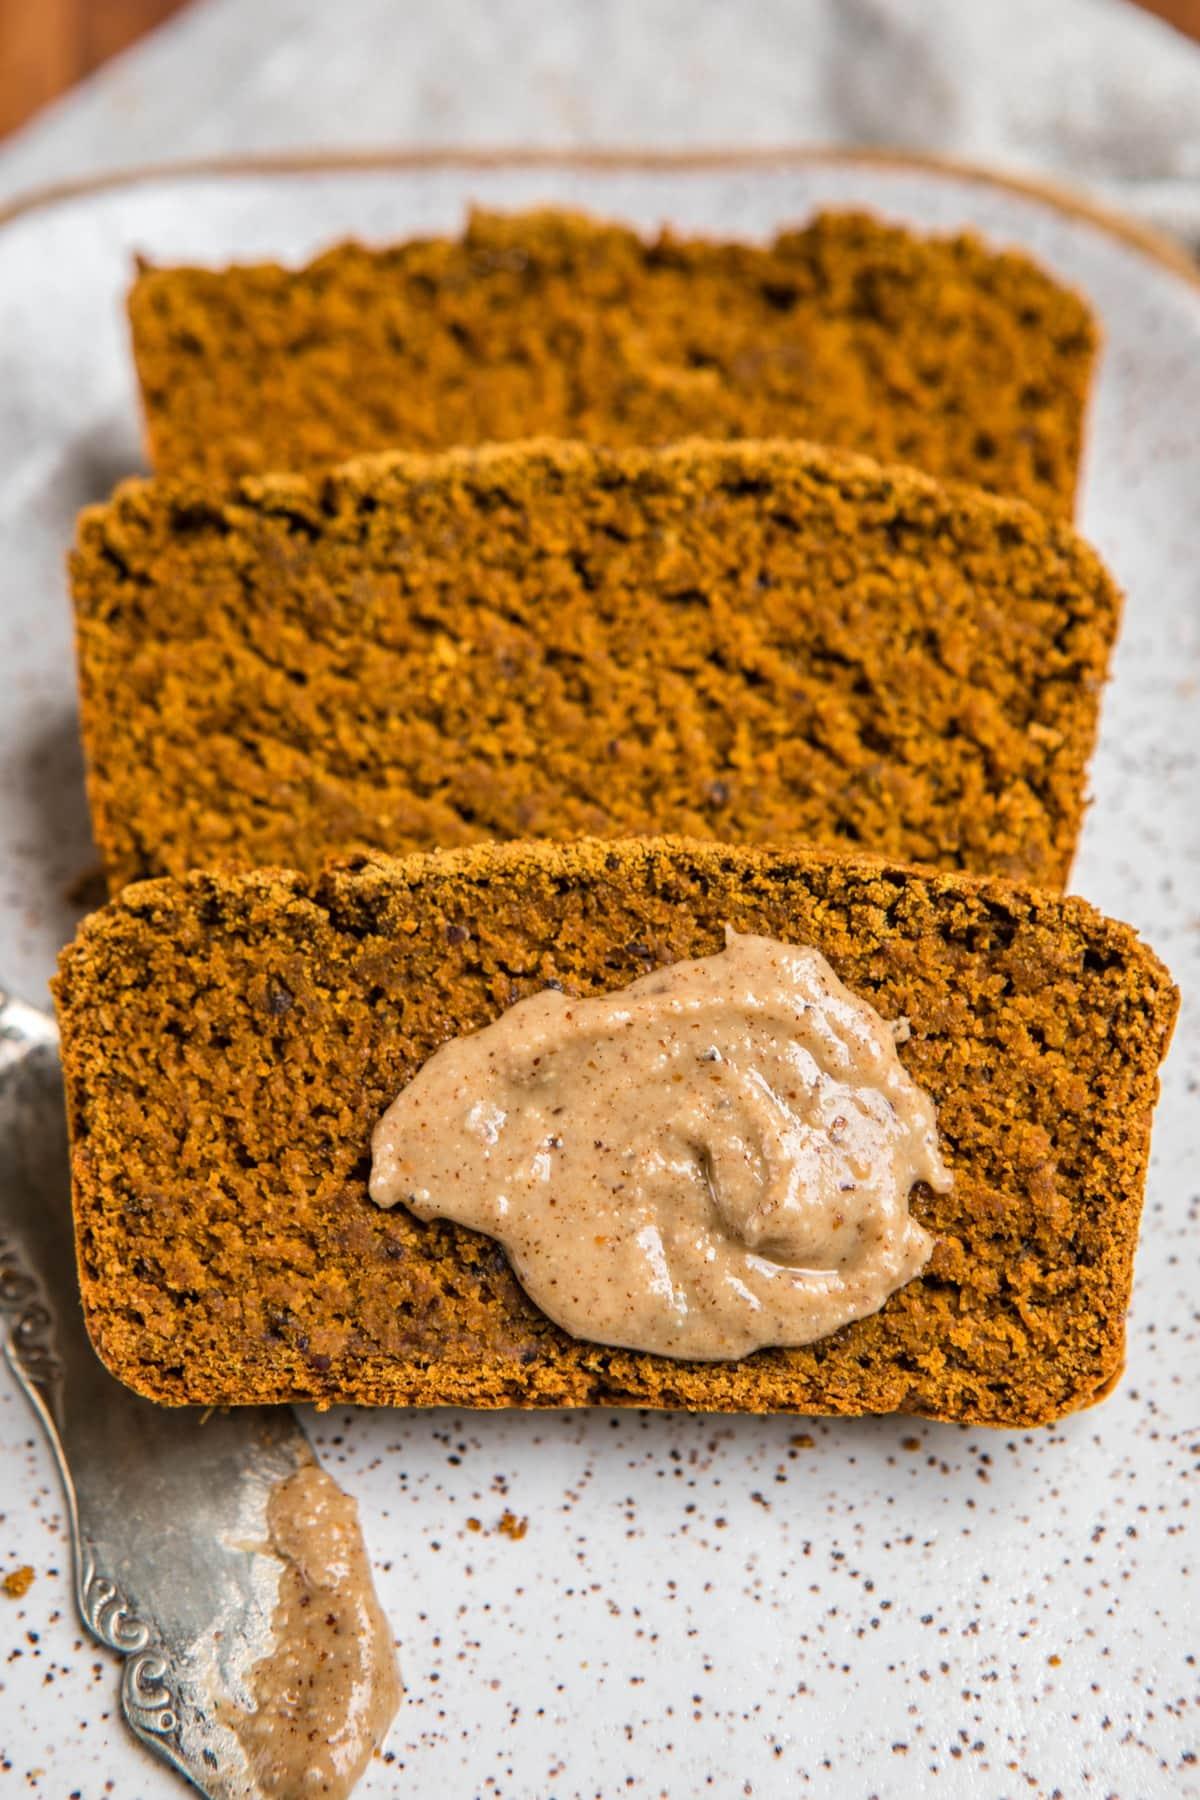 slice of vegan pumpkin bread with swirl of hazelnut butter on top